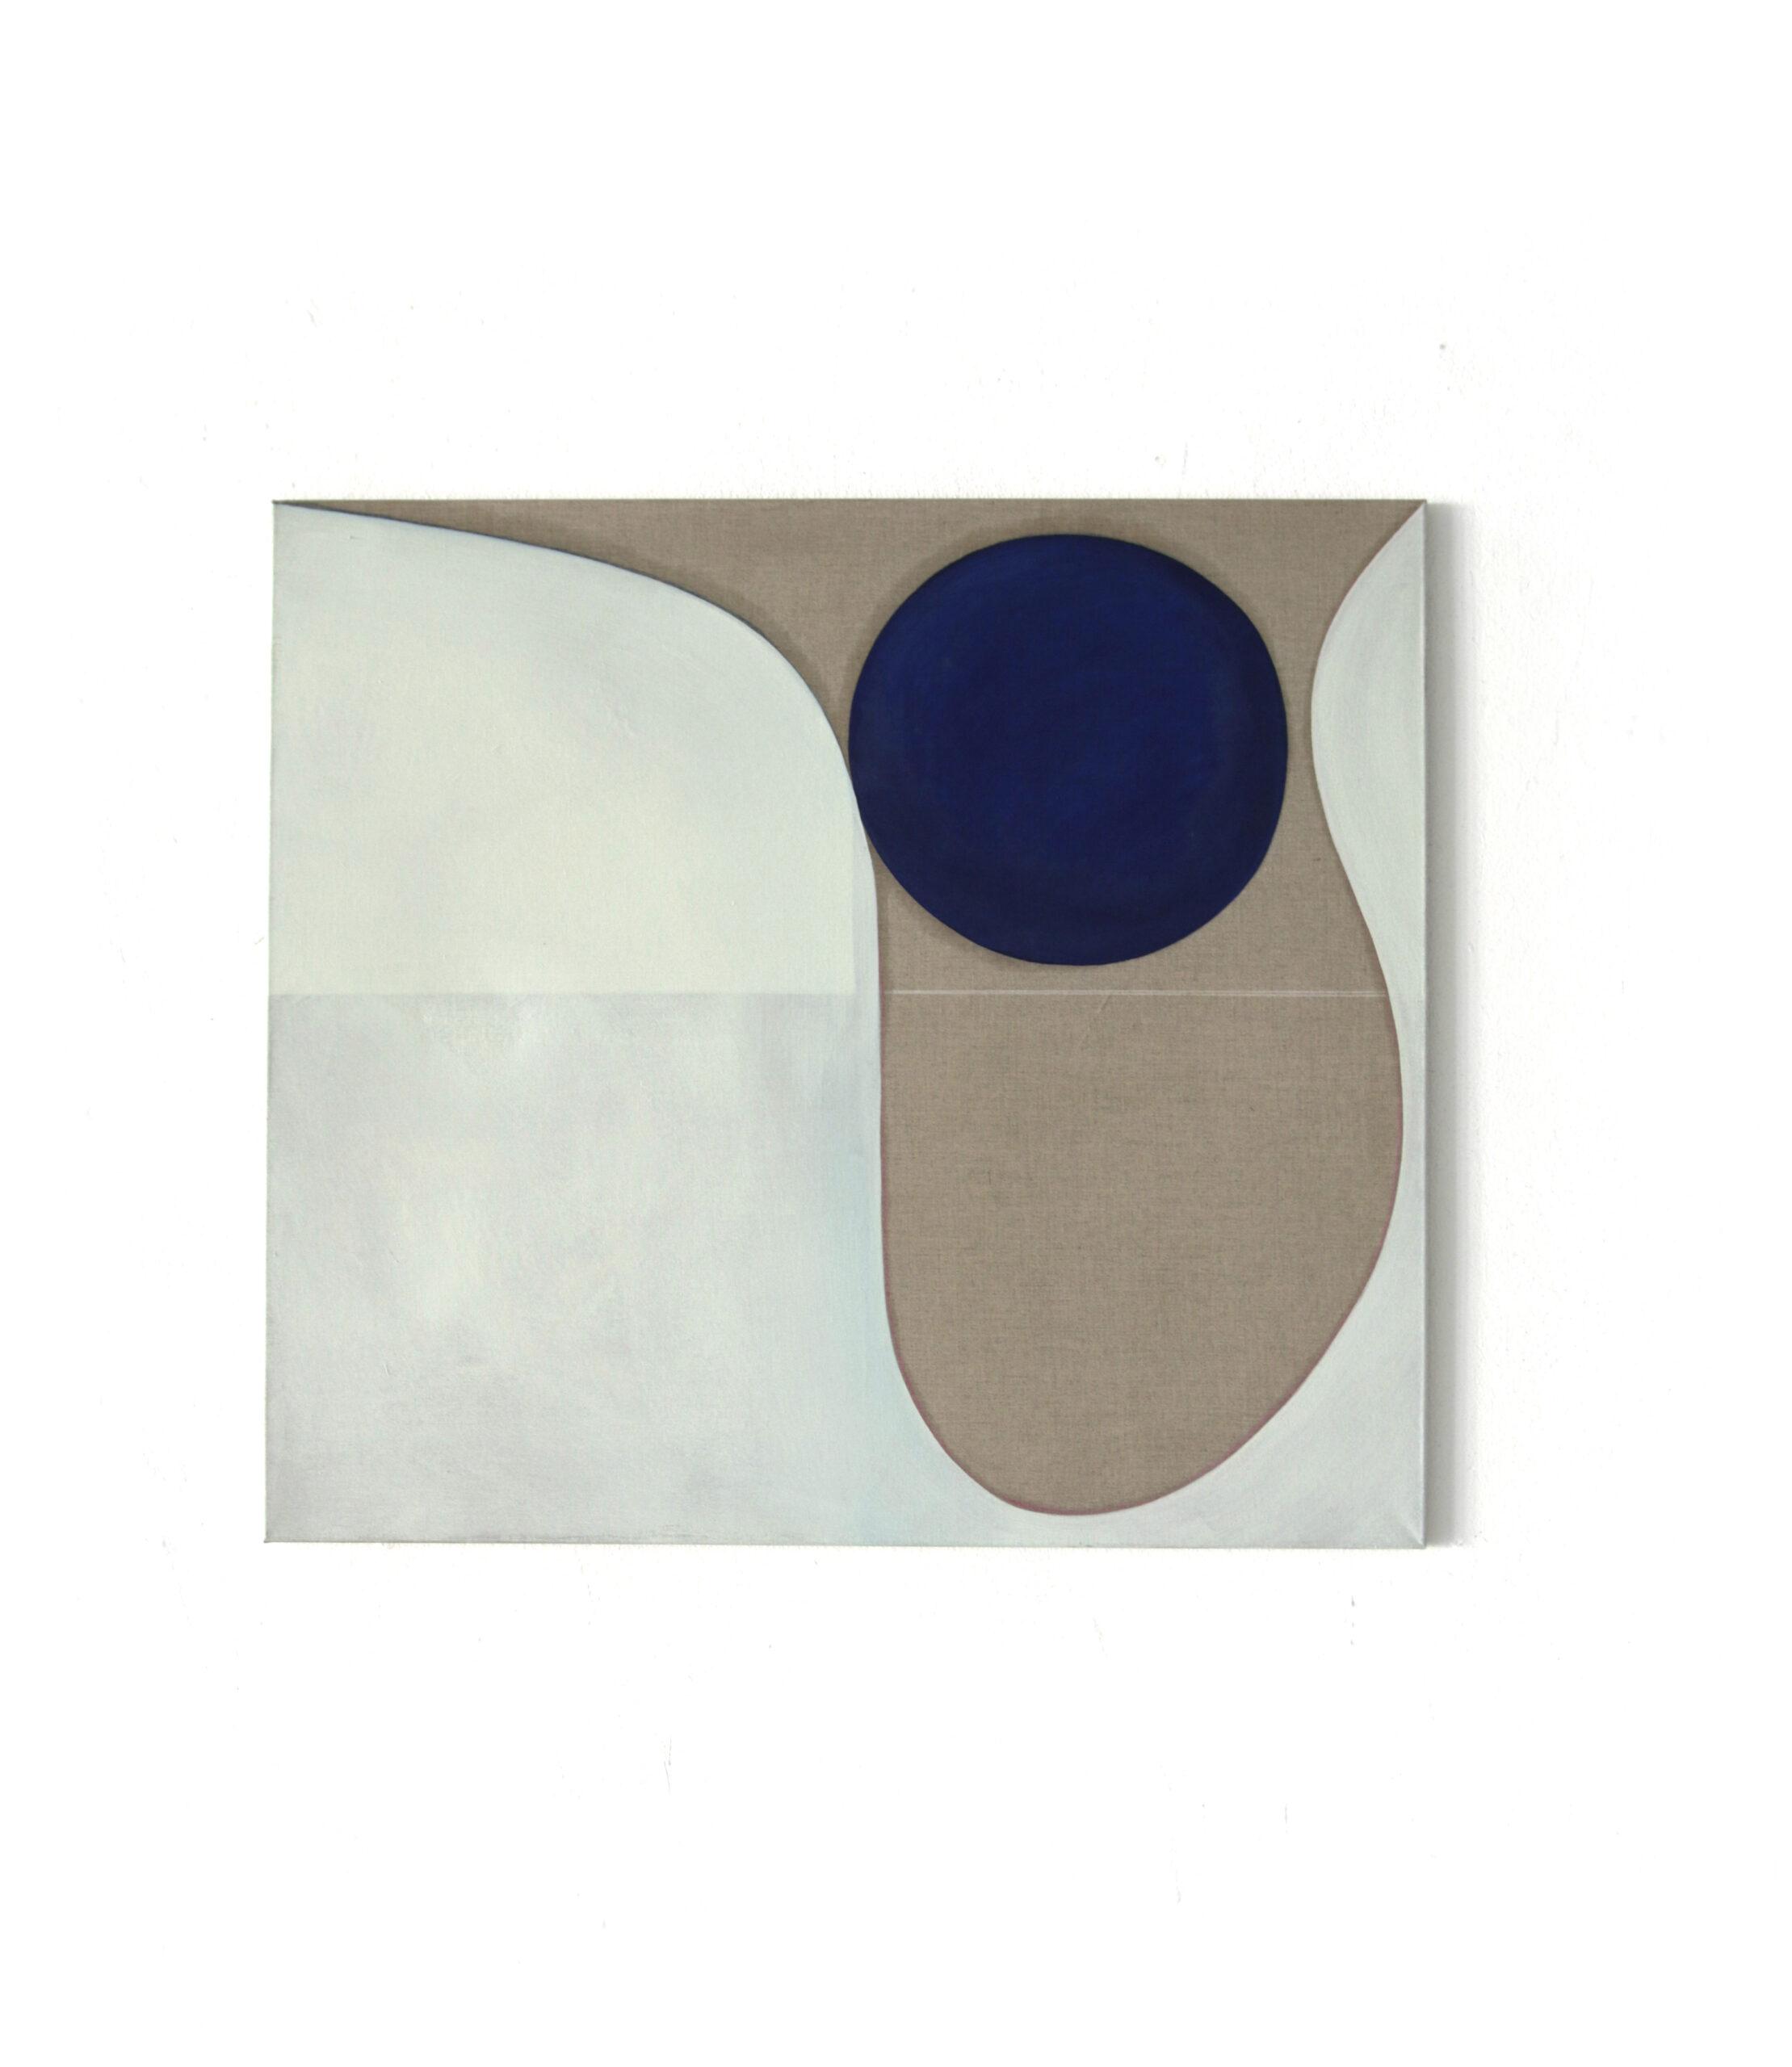 No_title, oil pastel on canvas, 90x100cm, 2019